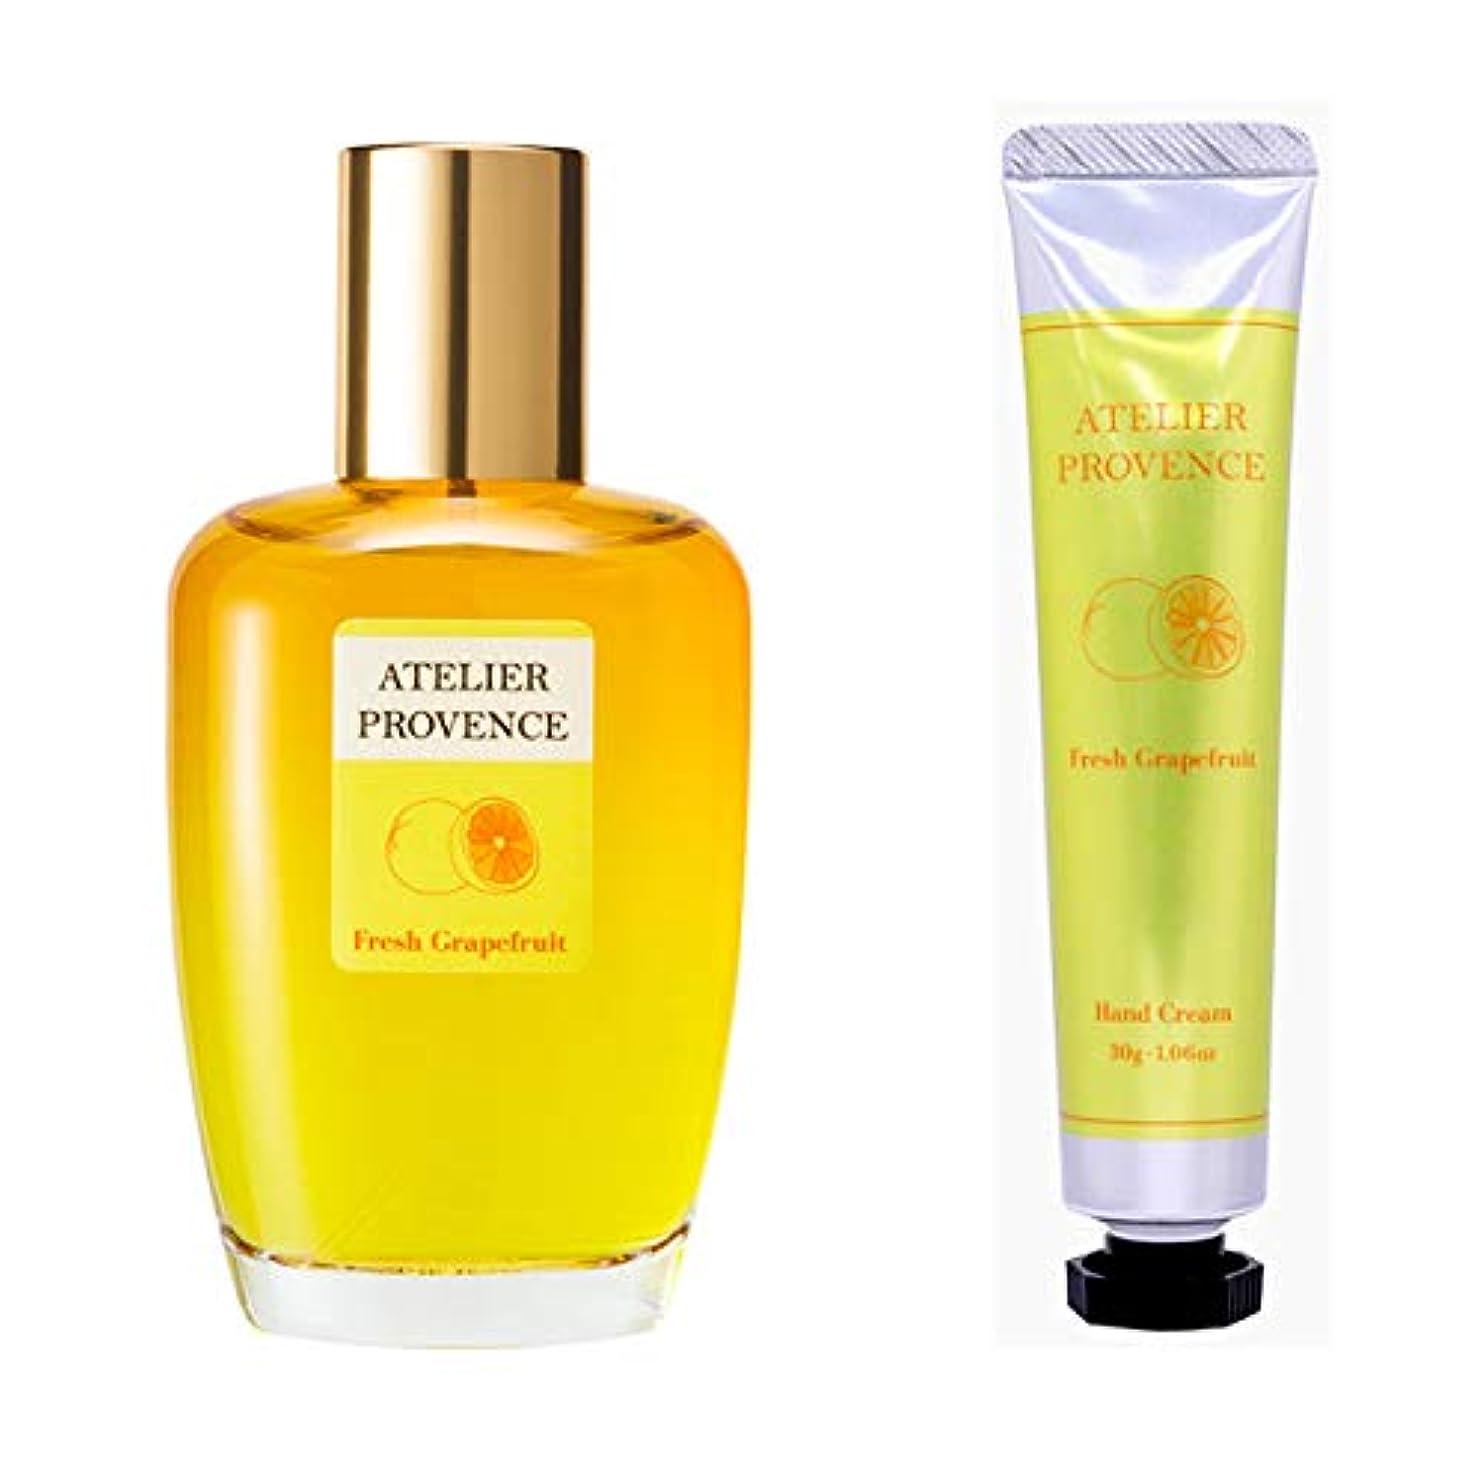 レベル墓地筋肉のアトリエ プロヴァンス ATELIER PROVENCE フレッシュグレープフルーツの香り コフレセット(EDT90ml+ハンドクリーム30g)